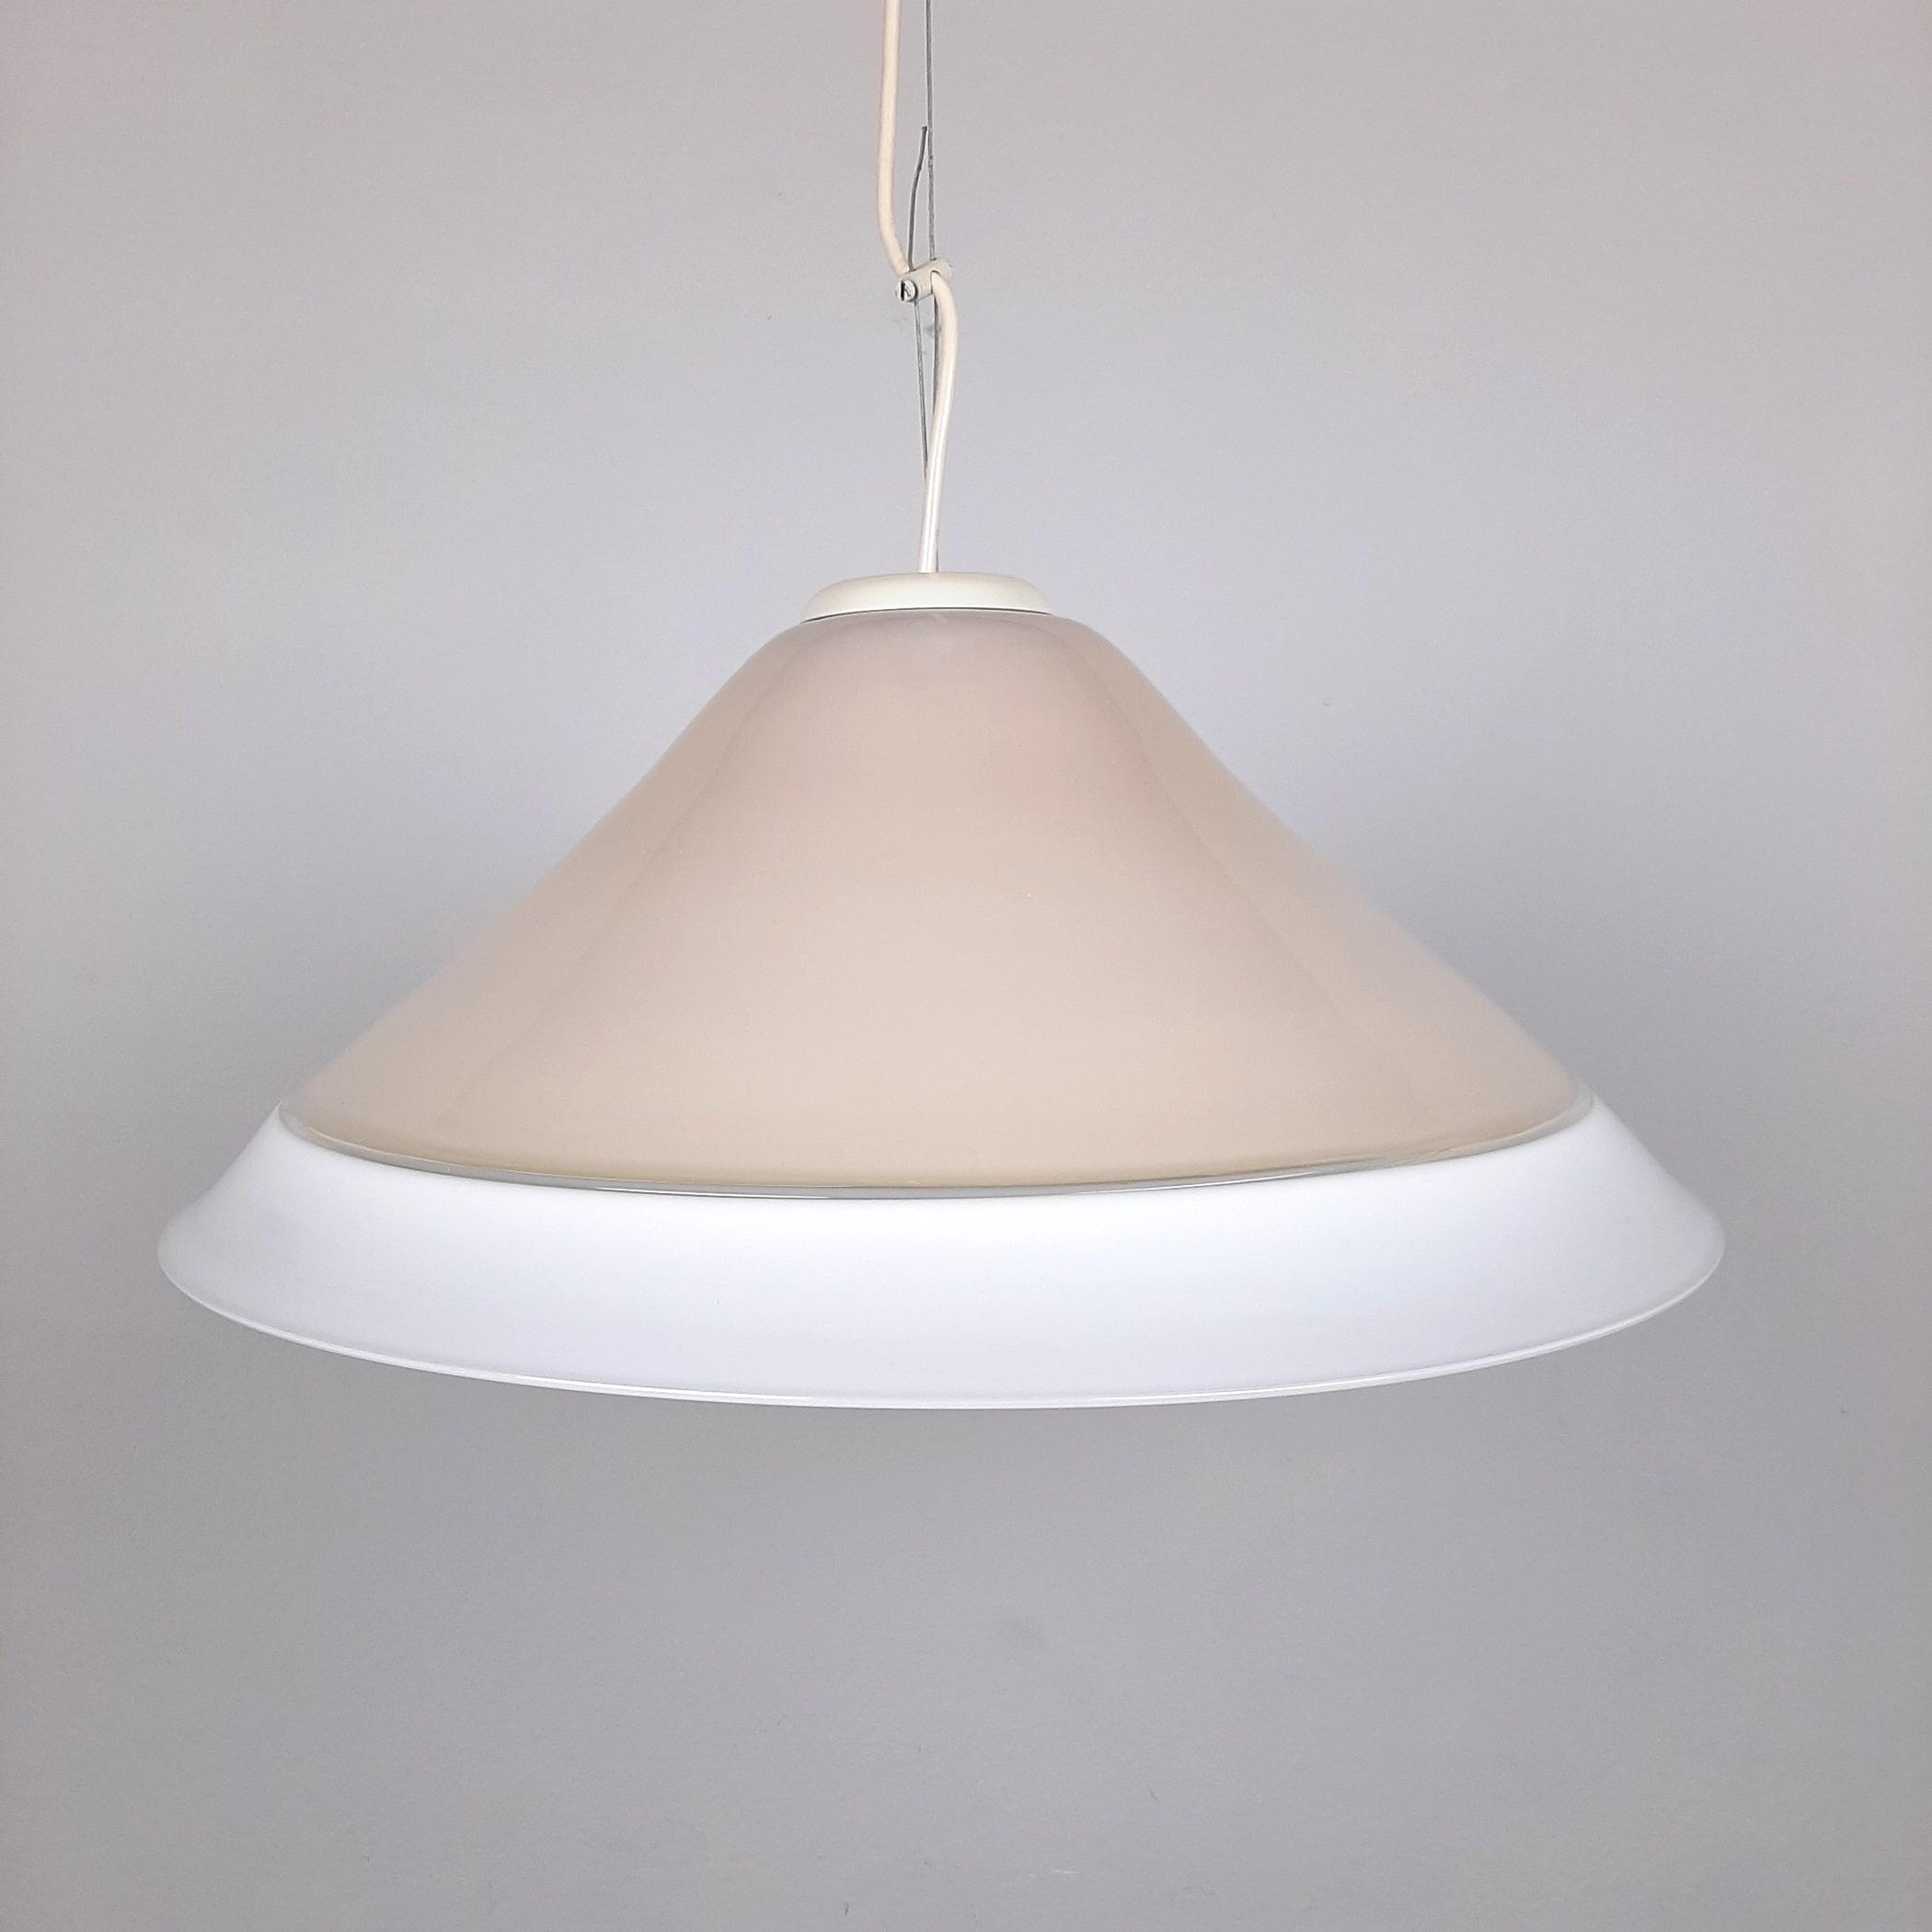 XL Retro murano glass lamp Italy 1970s Beige White Mid-century lighting Vintage murano